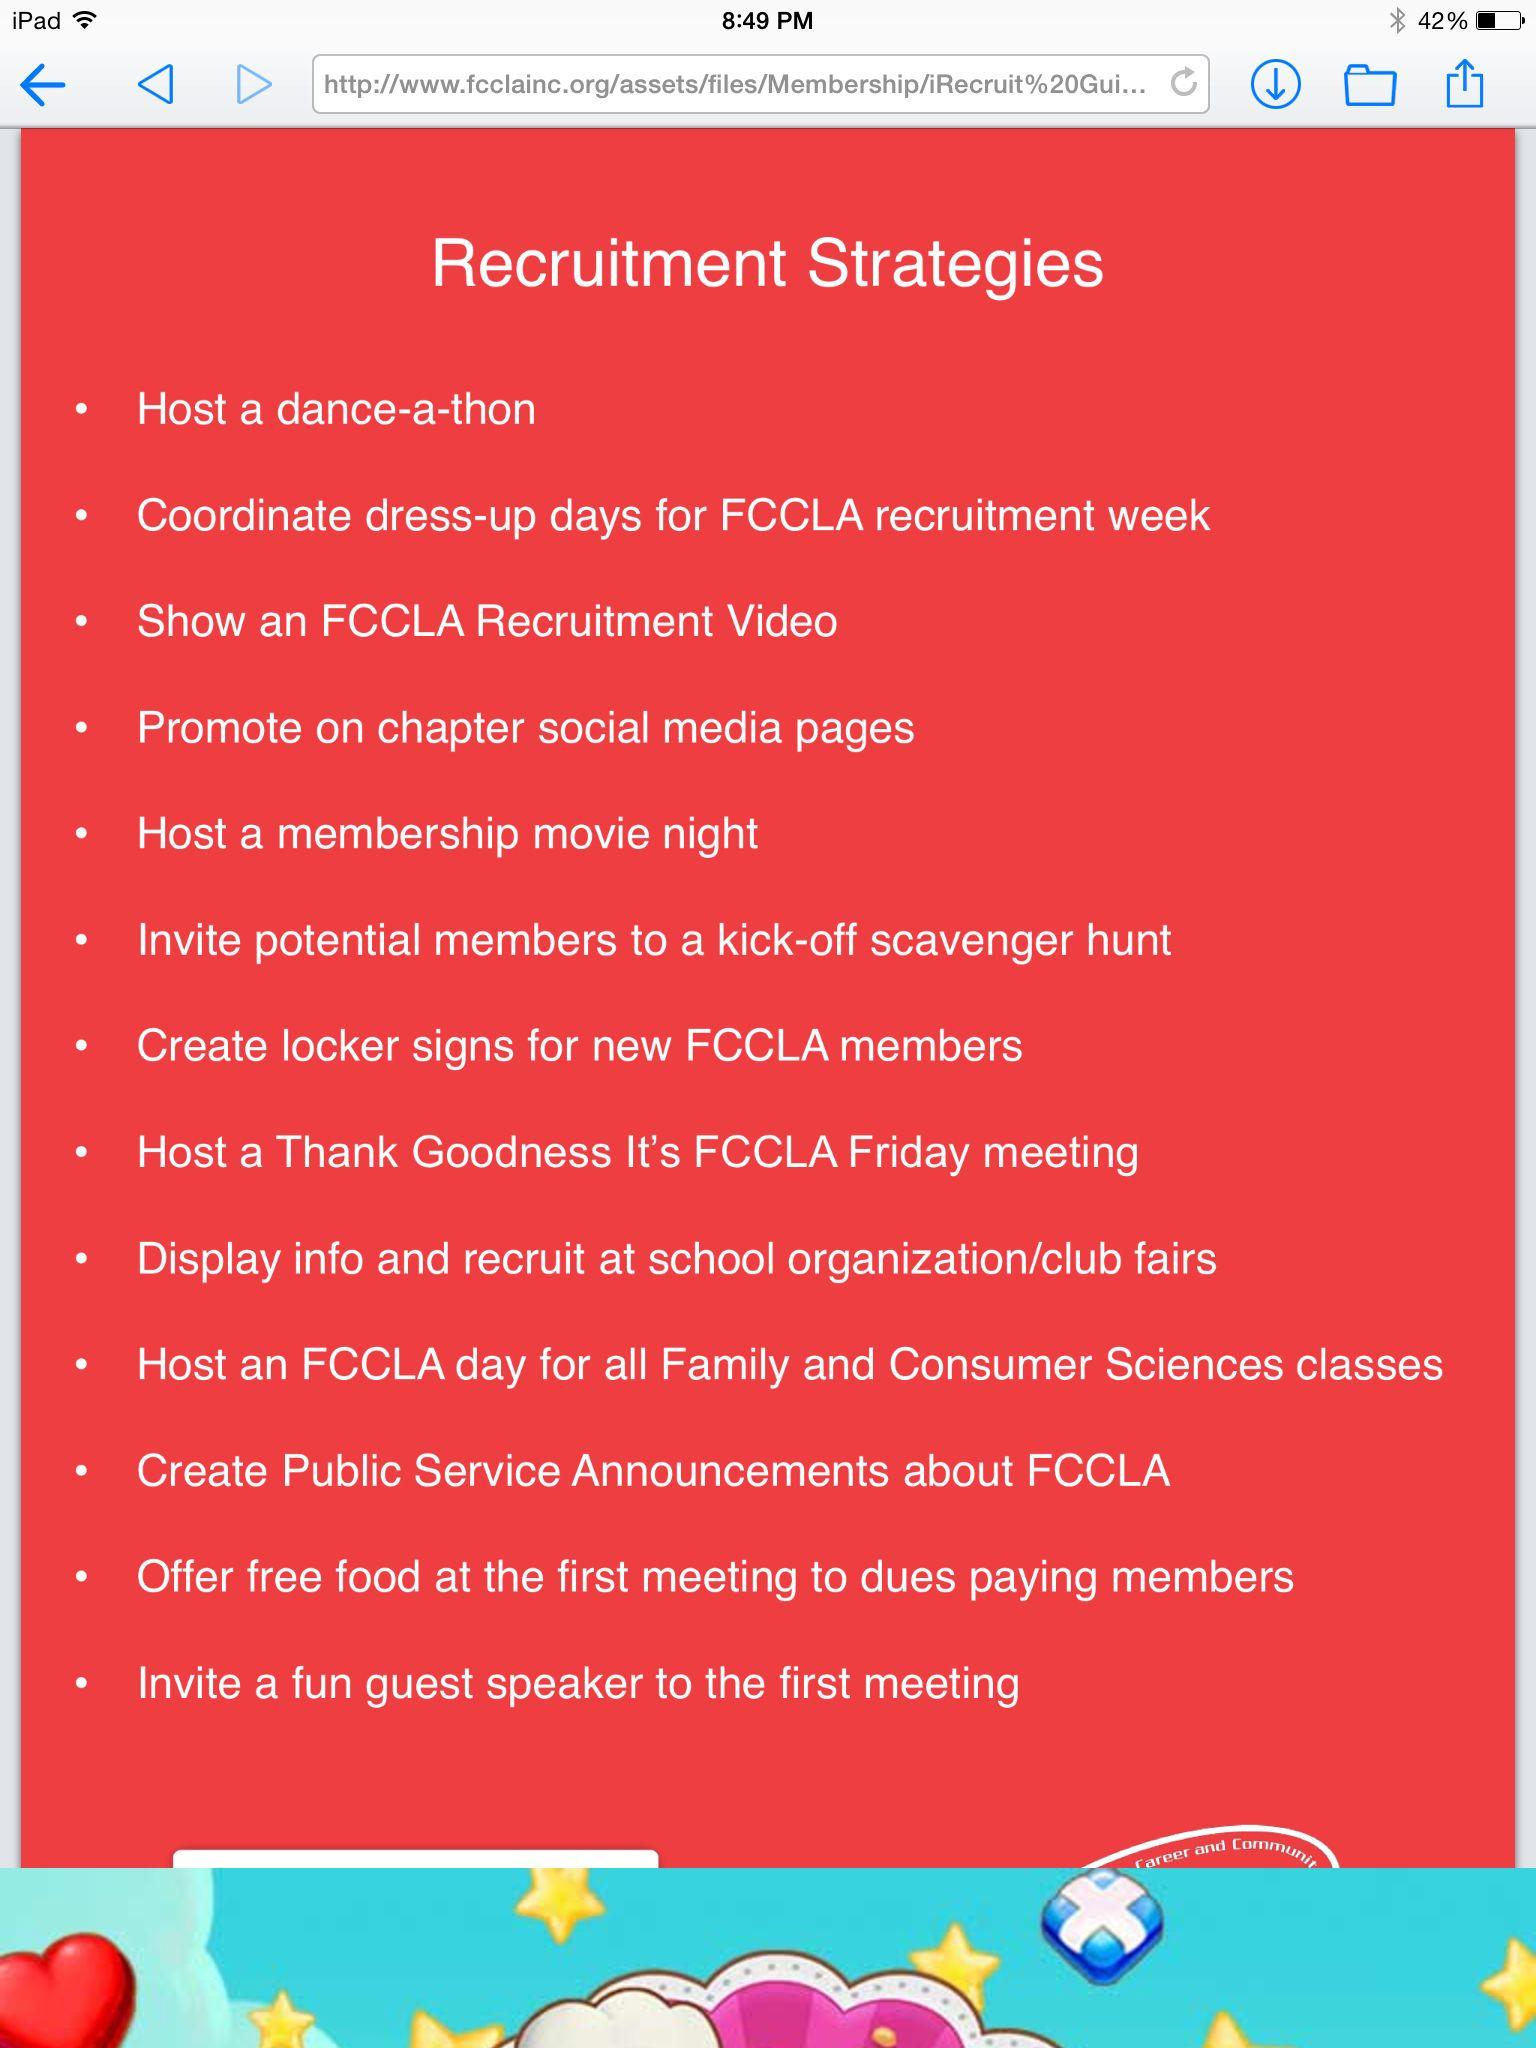 Recruitment Strategies For Fccla